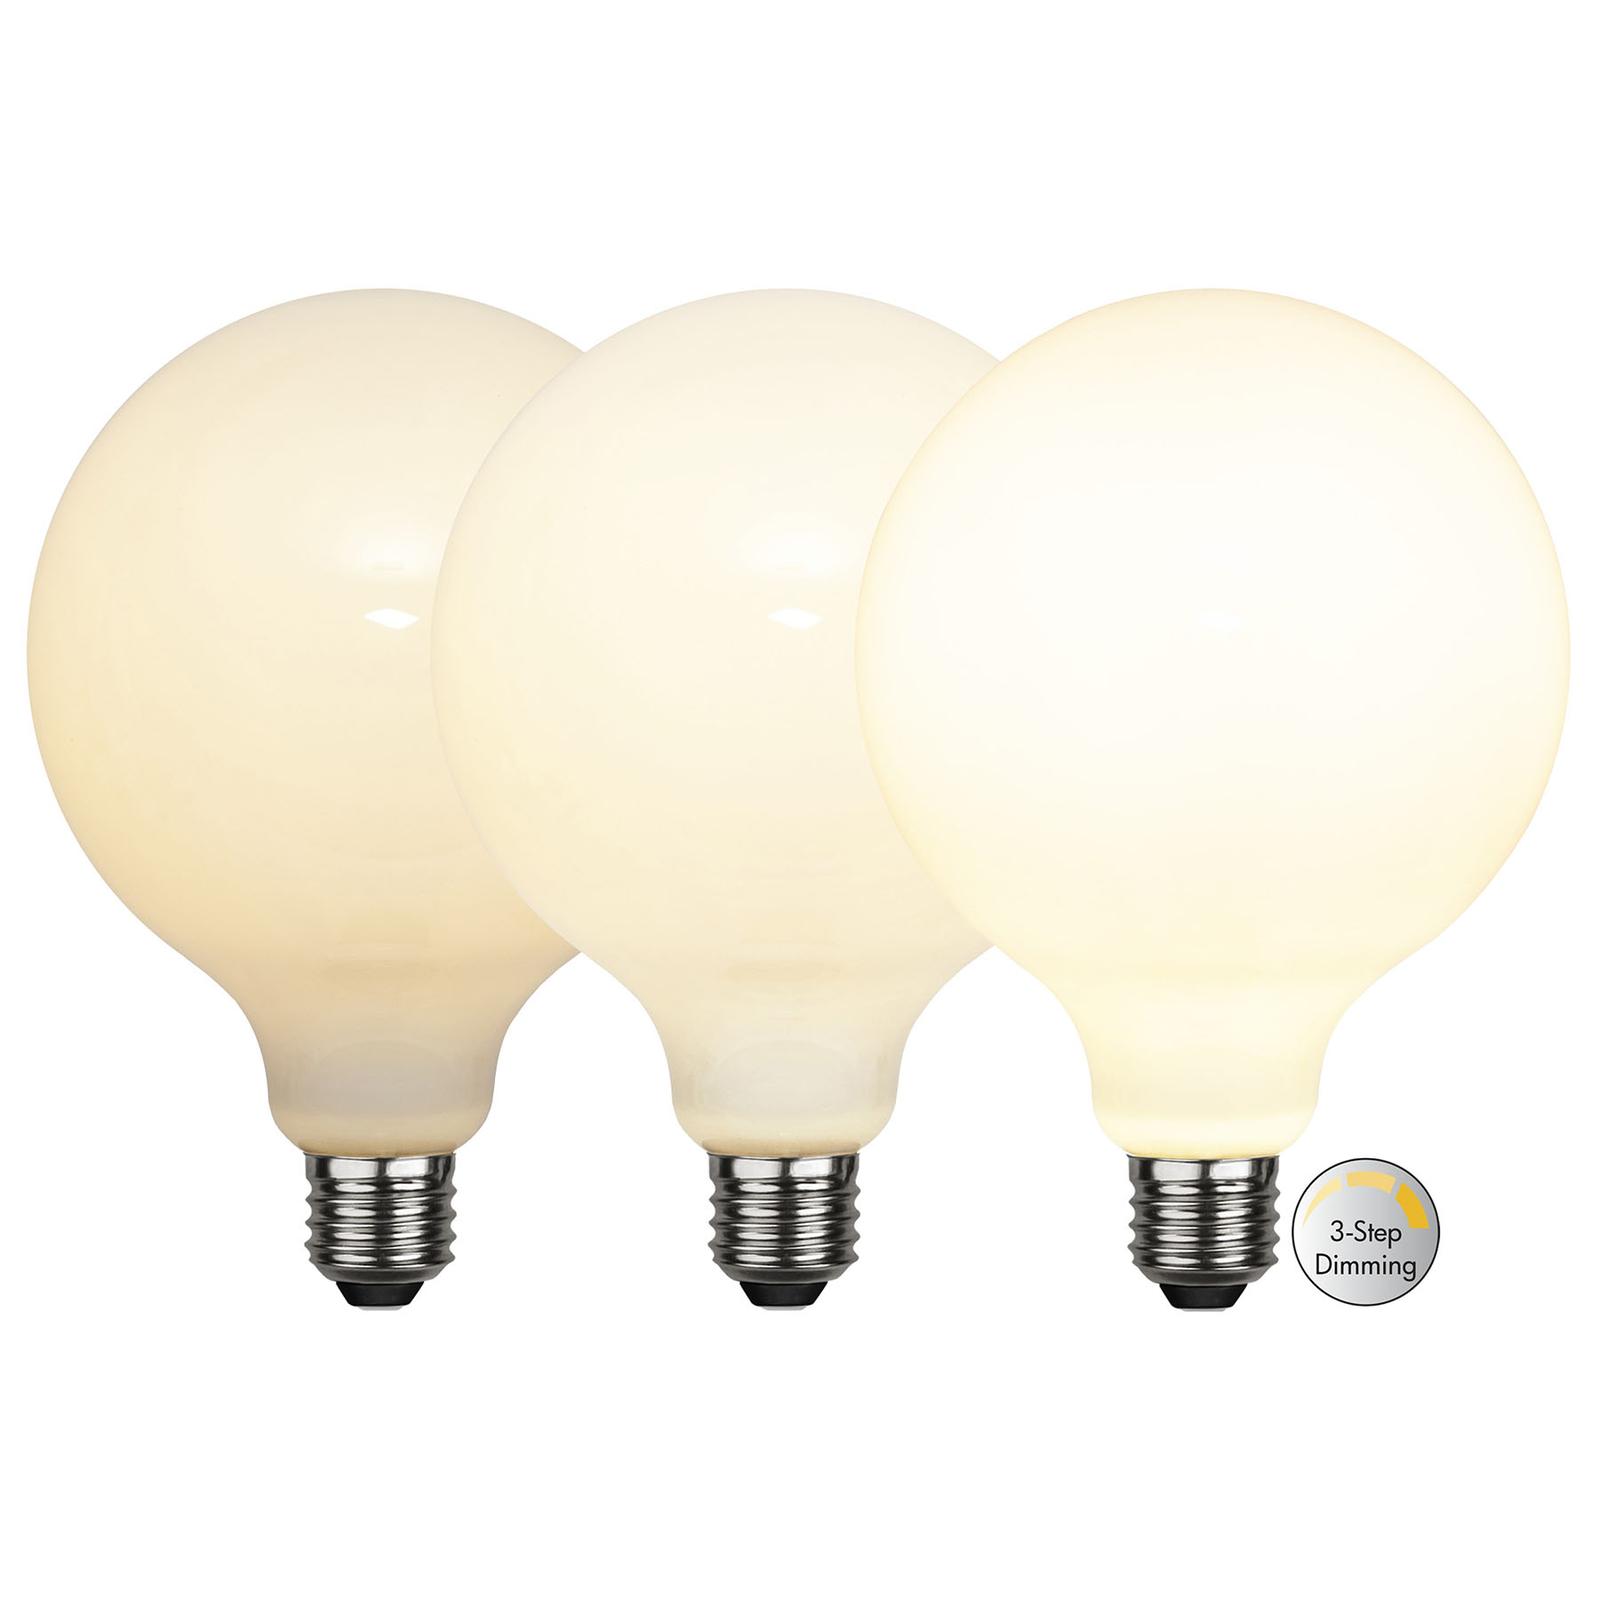 LED-Globelampe E27 G125 7,5W 3-step-dim, opal